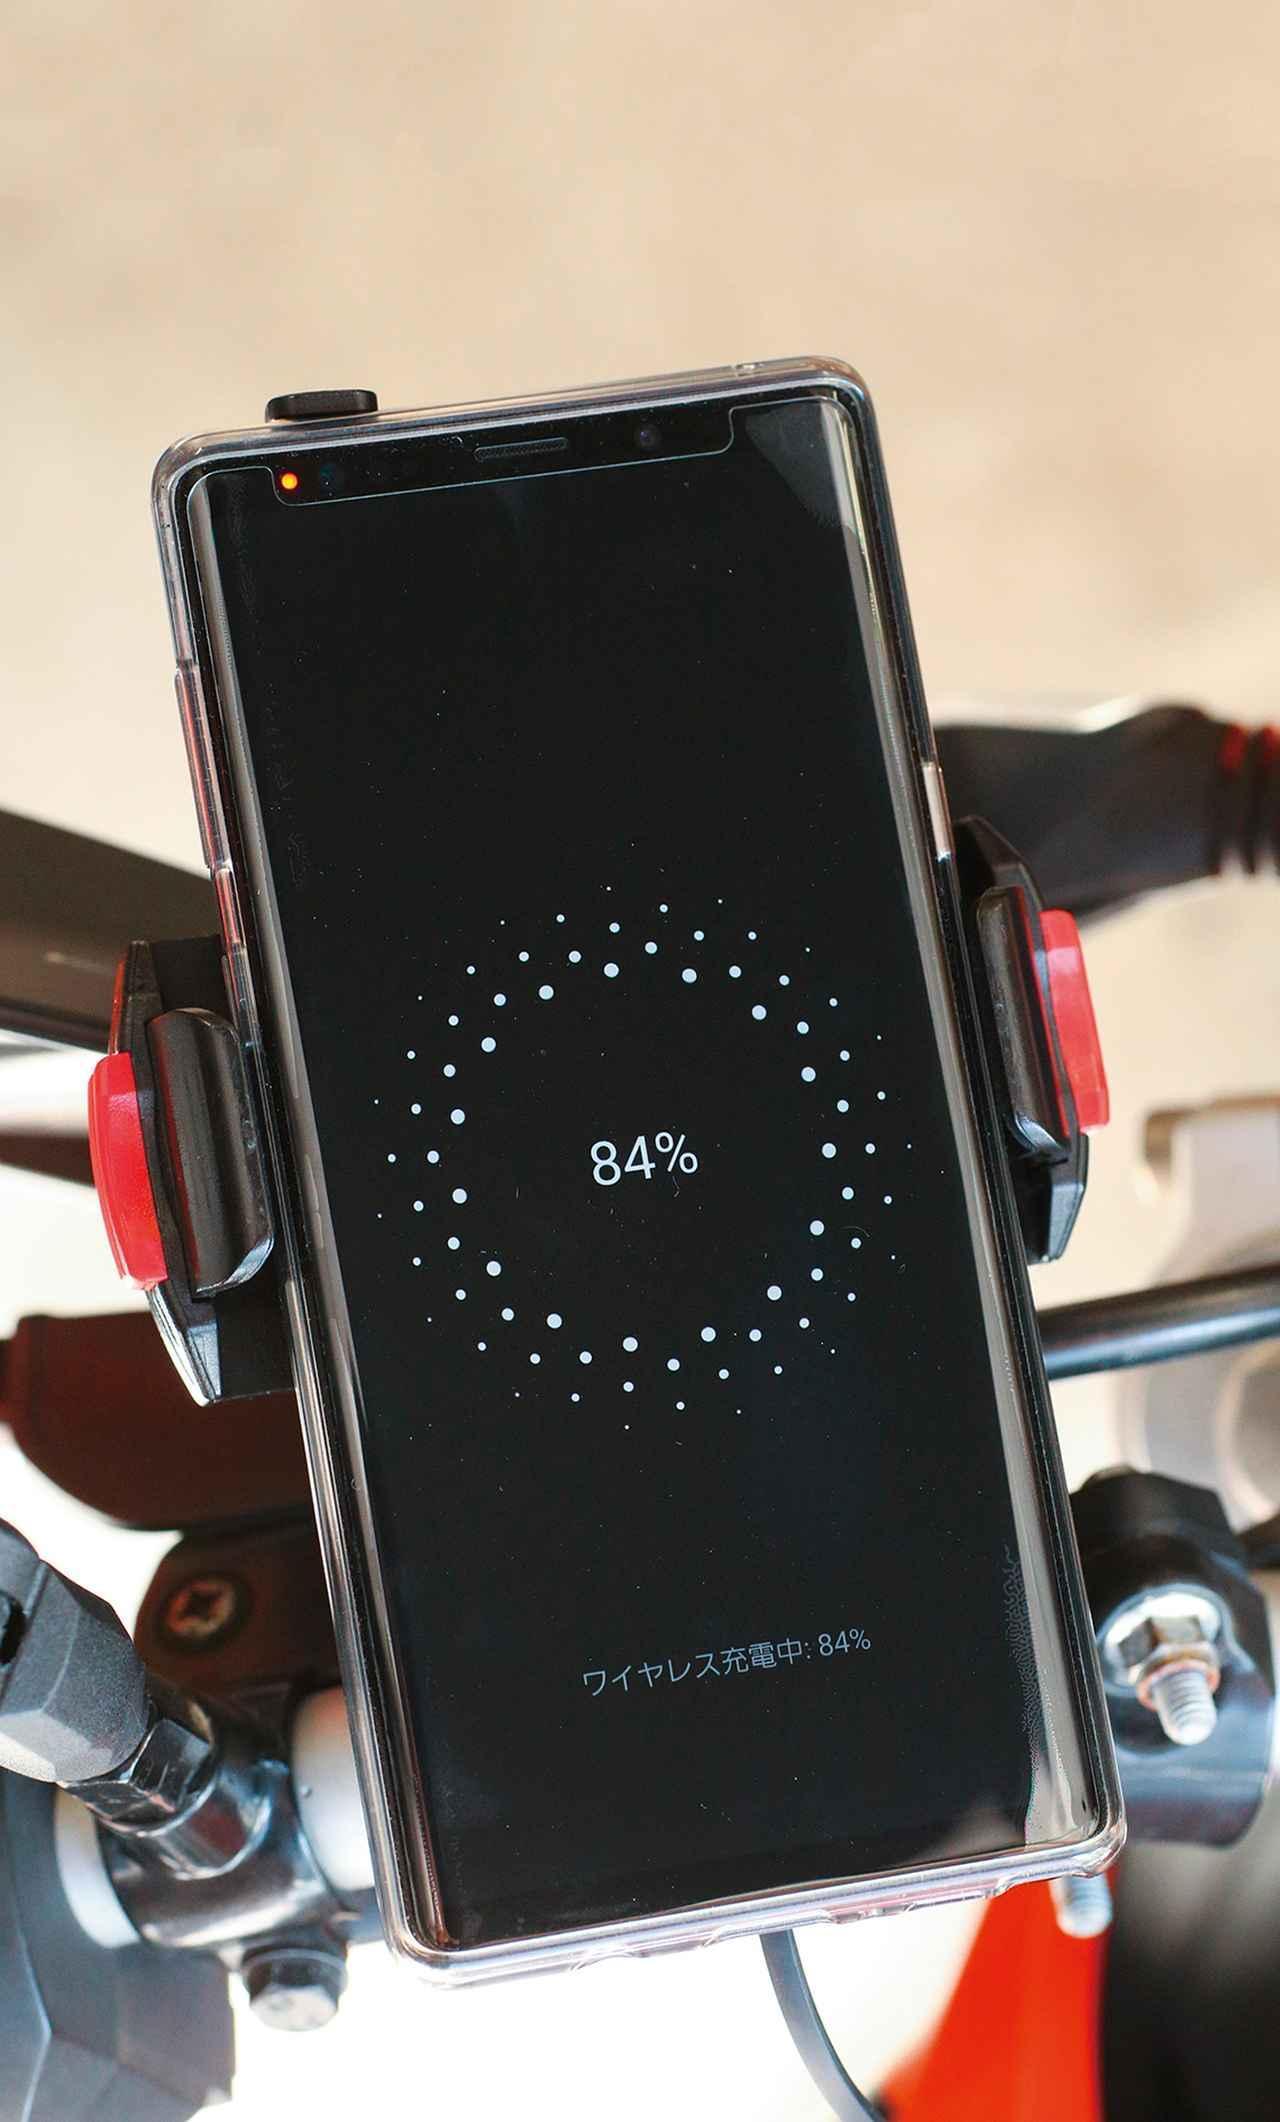 画像1: ツーリング中に気になるスマホの電池消耗には、ワイヤレス充電が便利なんです!『LOFON ワイヤレス防水充電パッド』